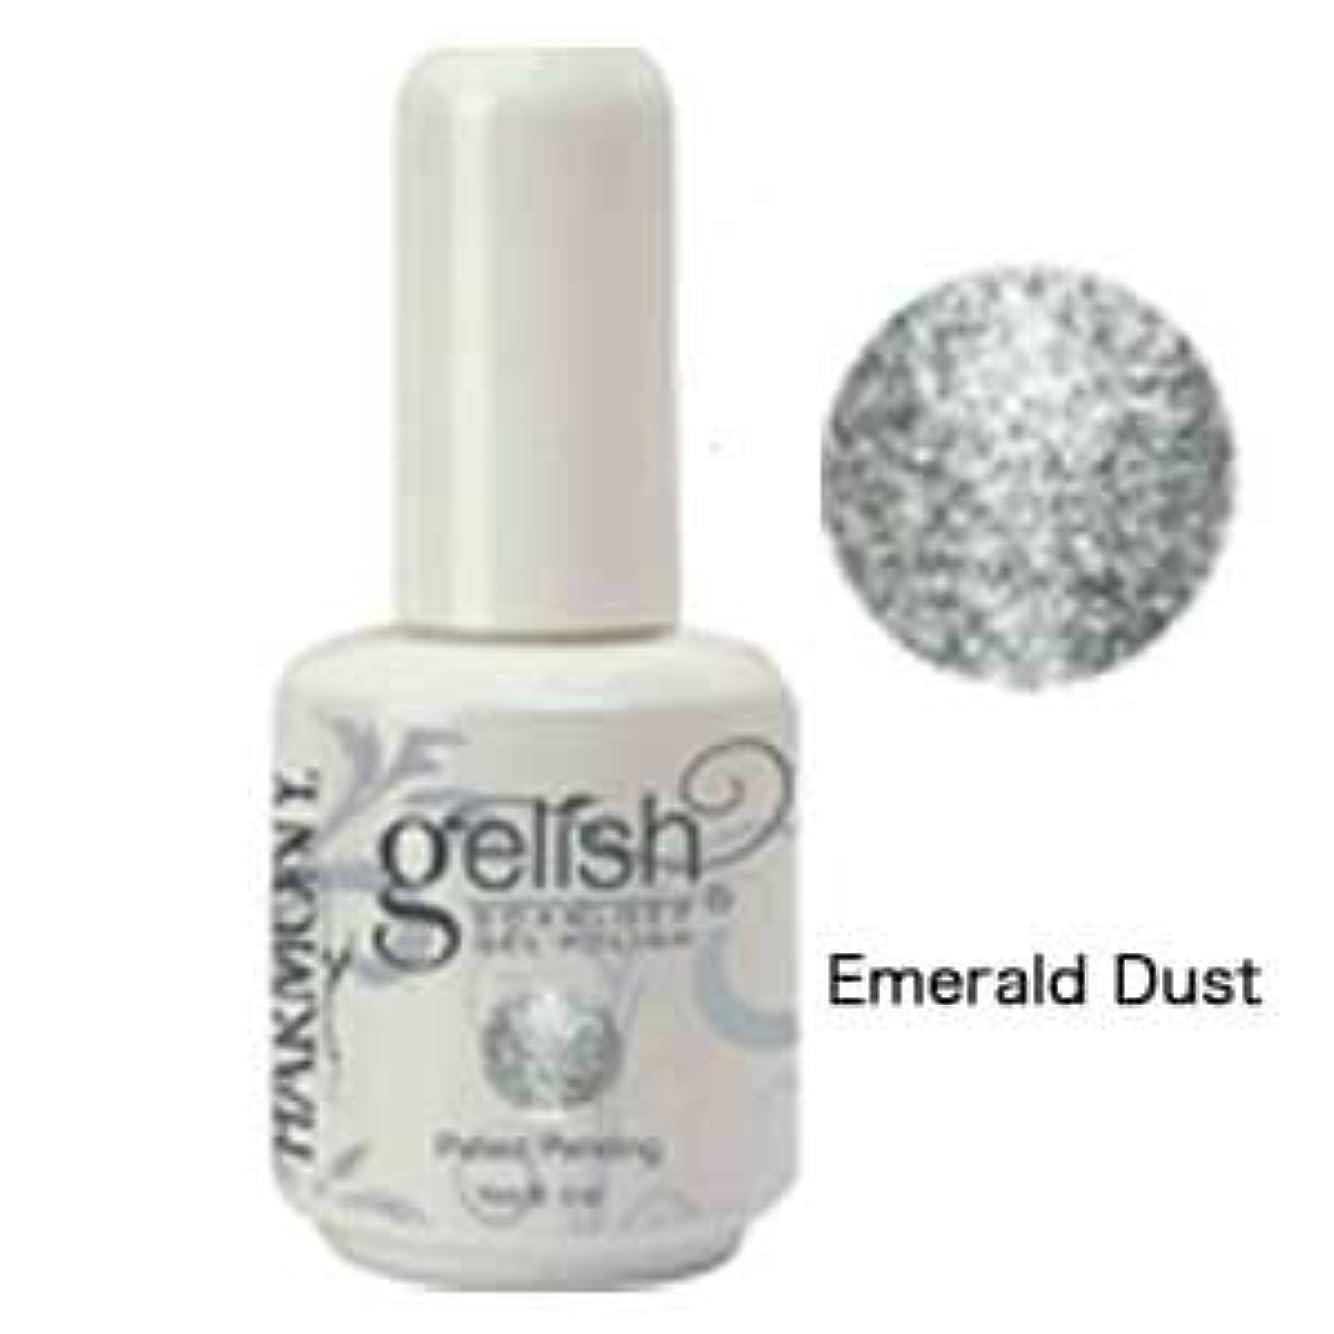 創造評論家宇宙のHarmony gelishソークオフジェル-Emerald Dust 15ml [海外直送品][並行輸入品]